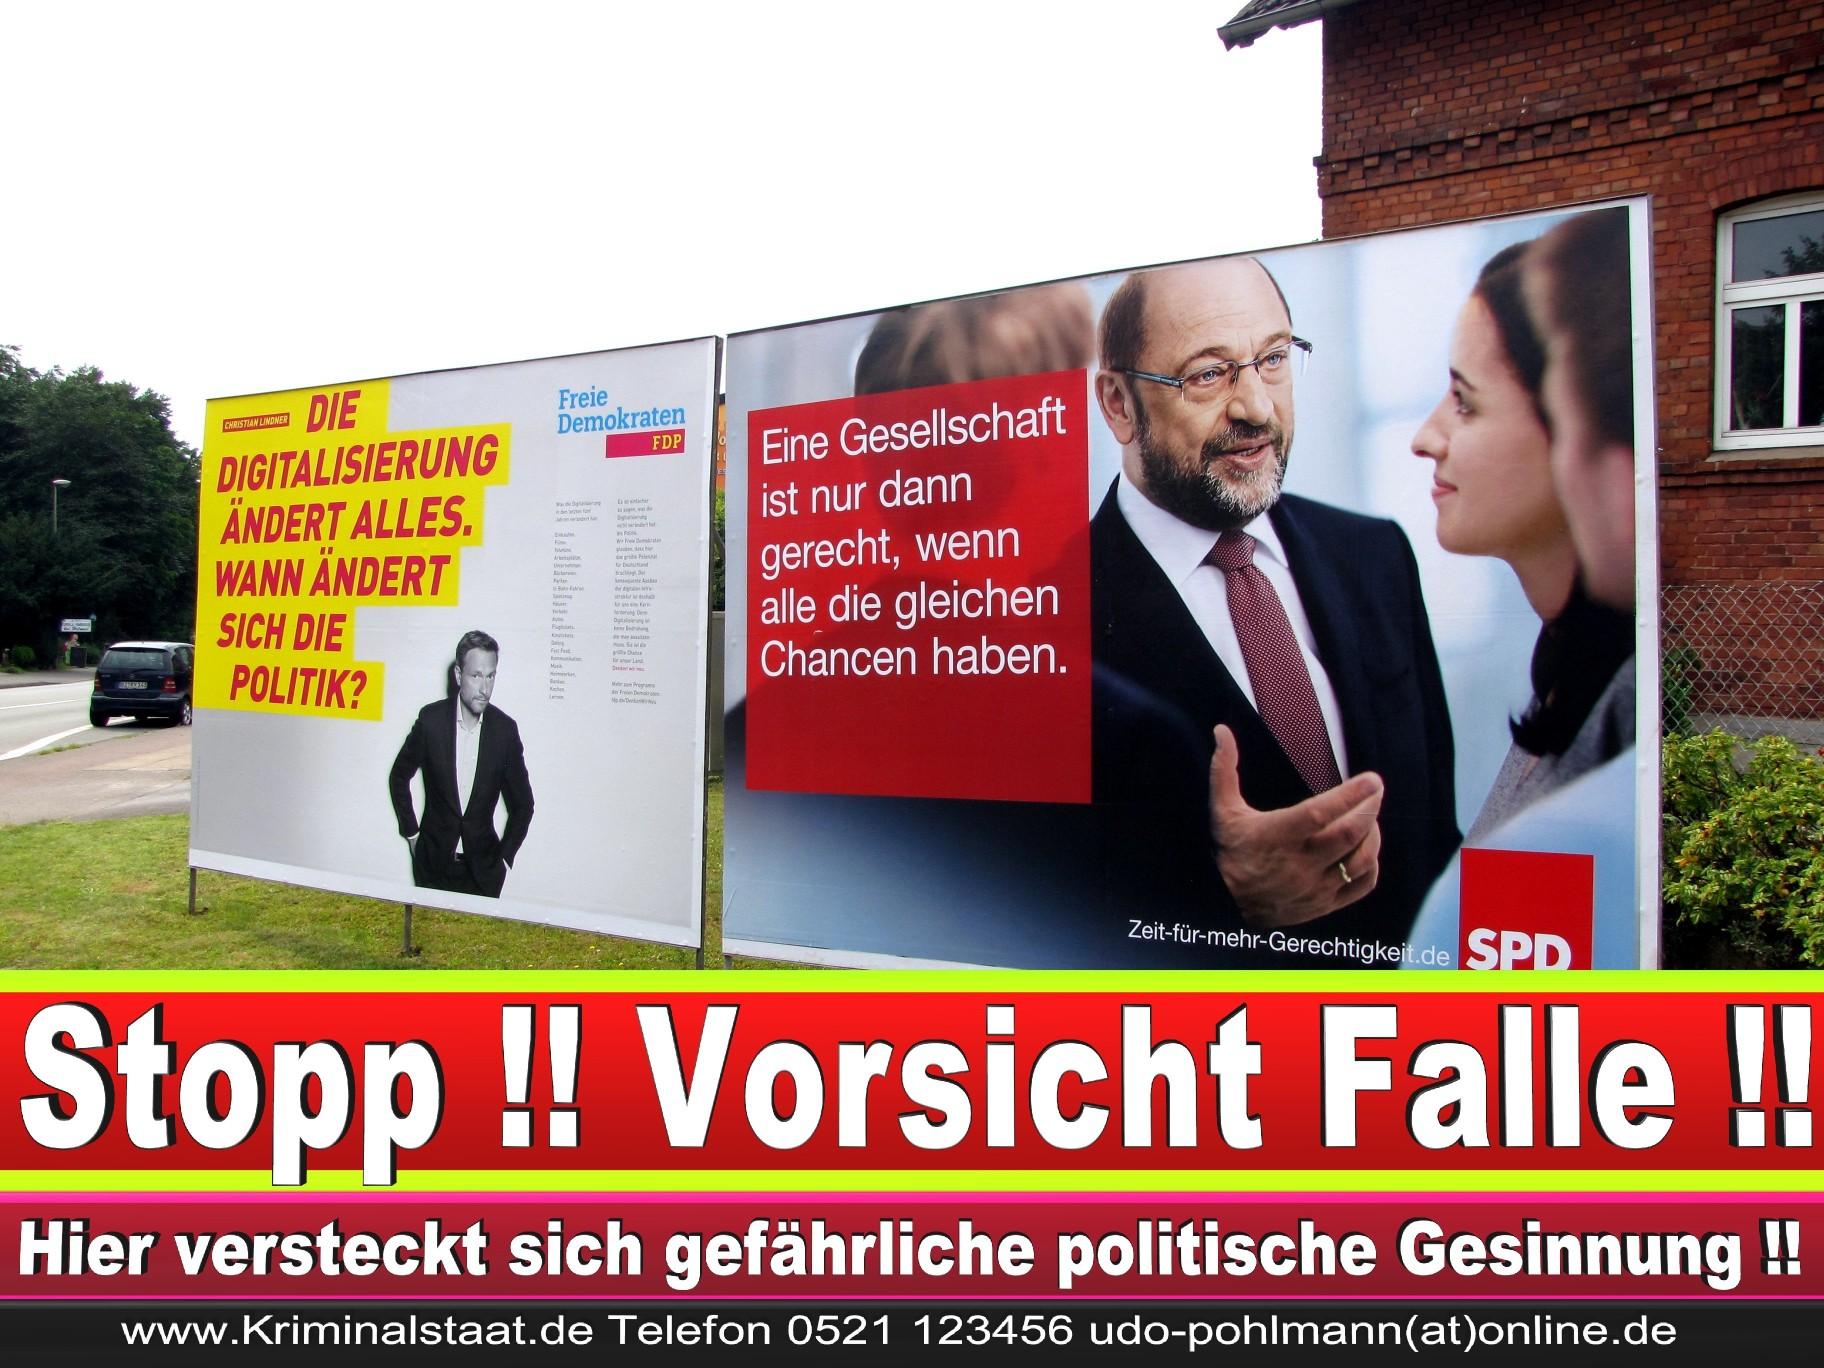 Wahlwerbung Wahlplakate Landtagswahl 2019 Europawahl CDU SPD FDP 2021 (77)